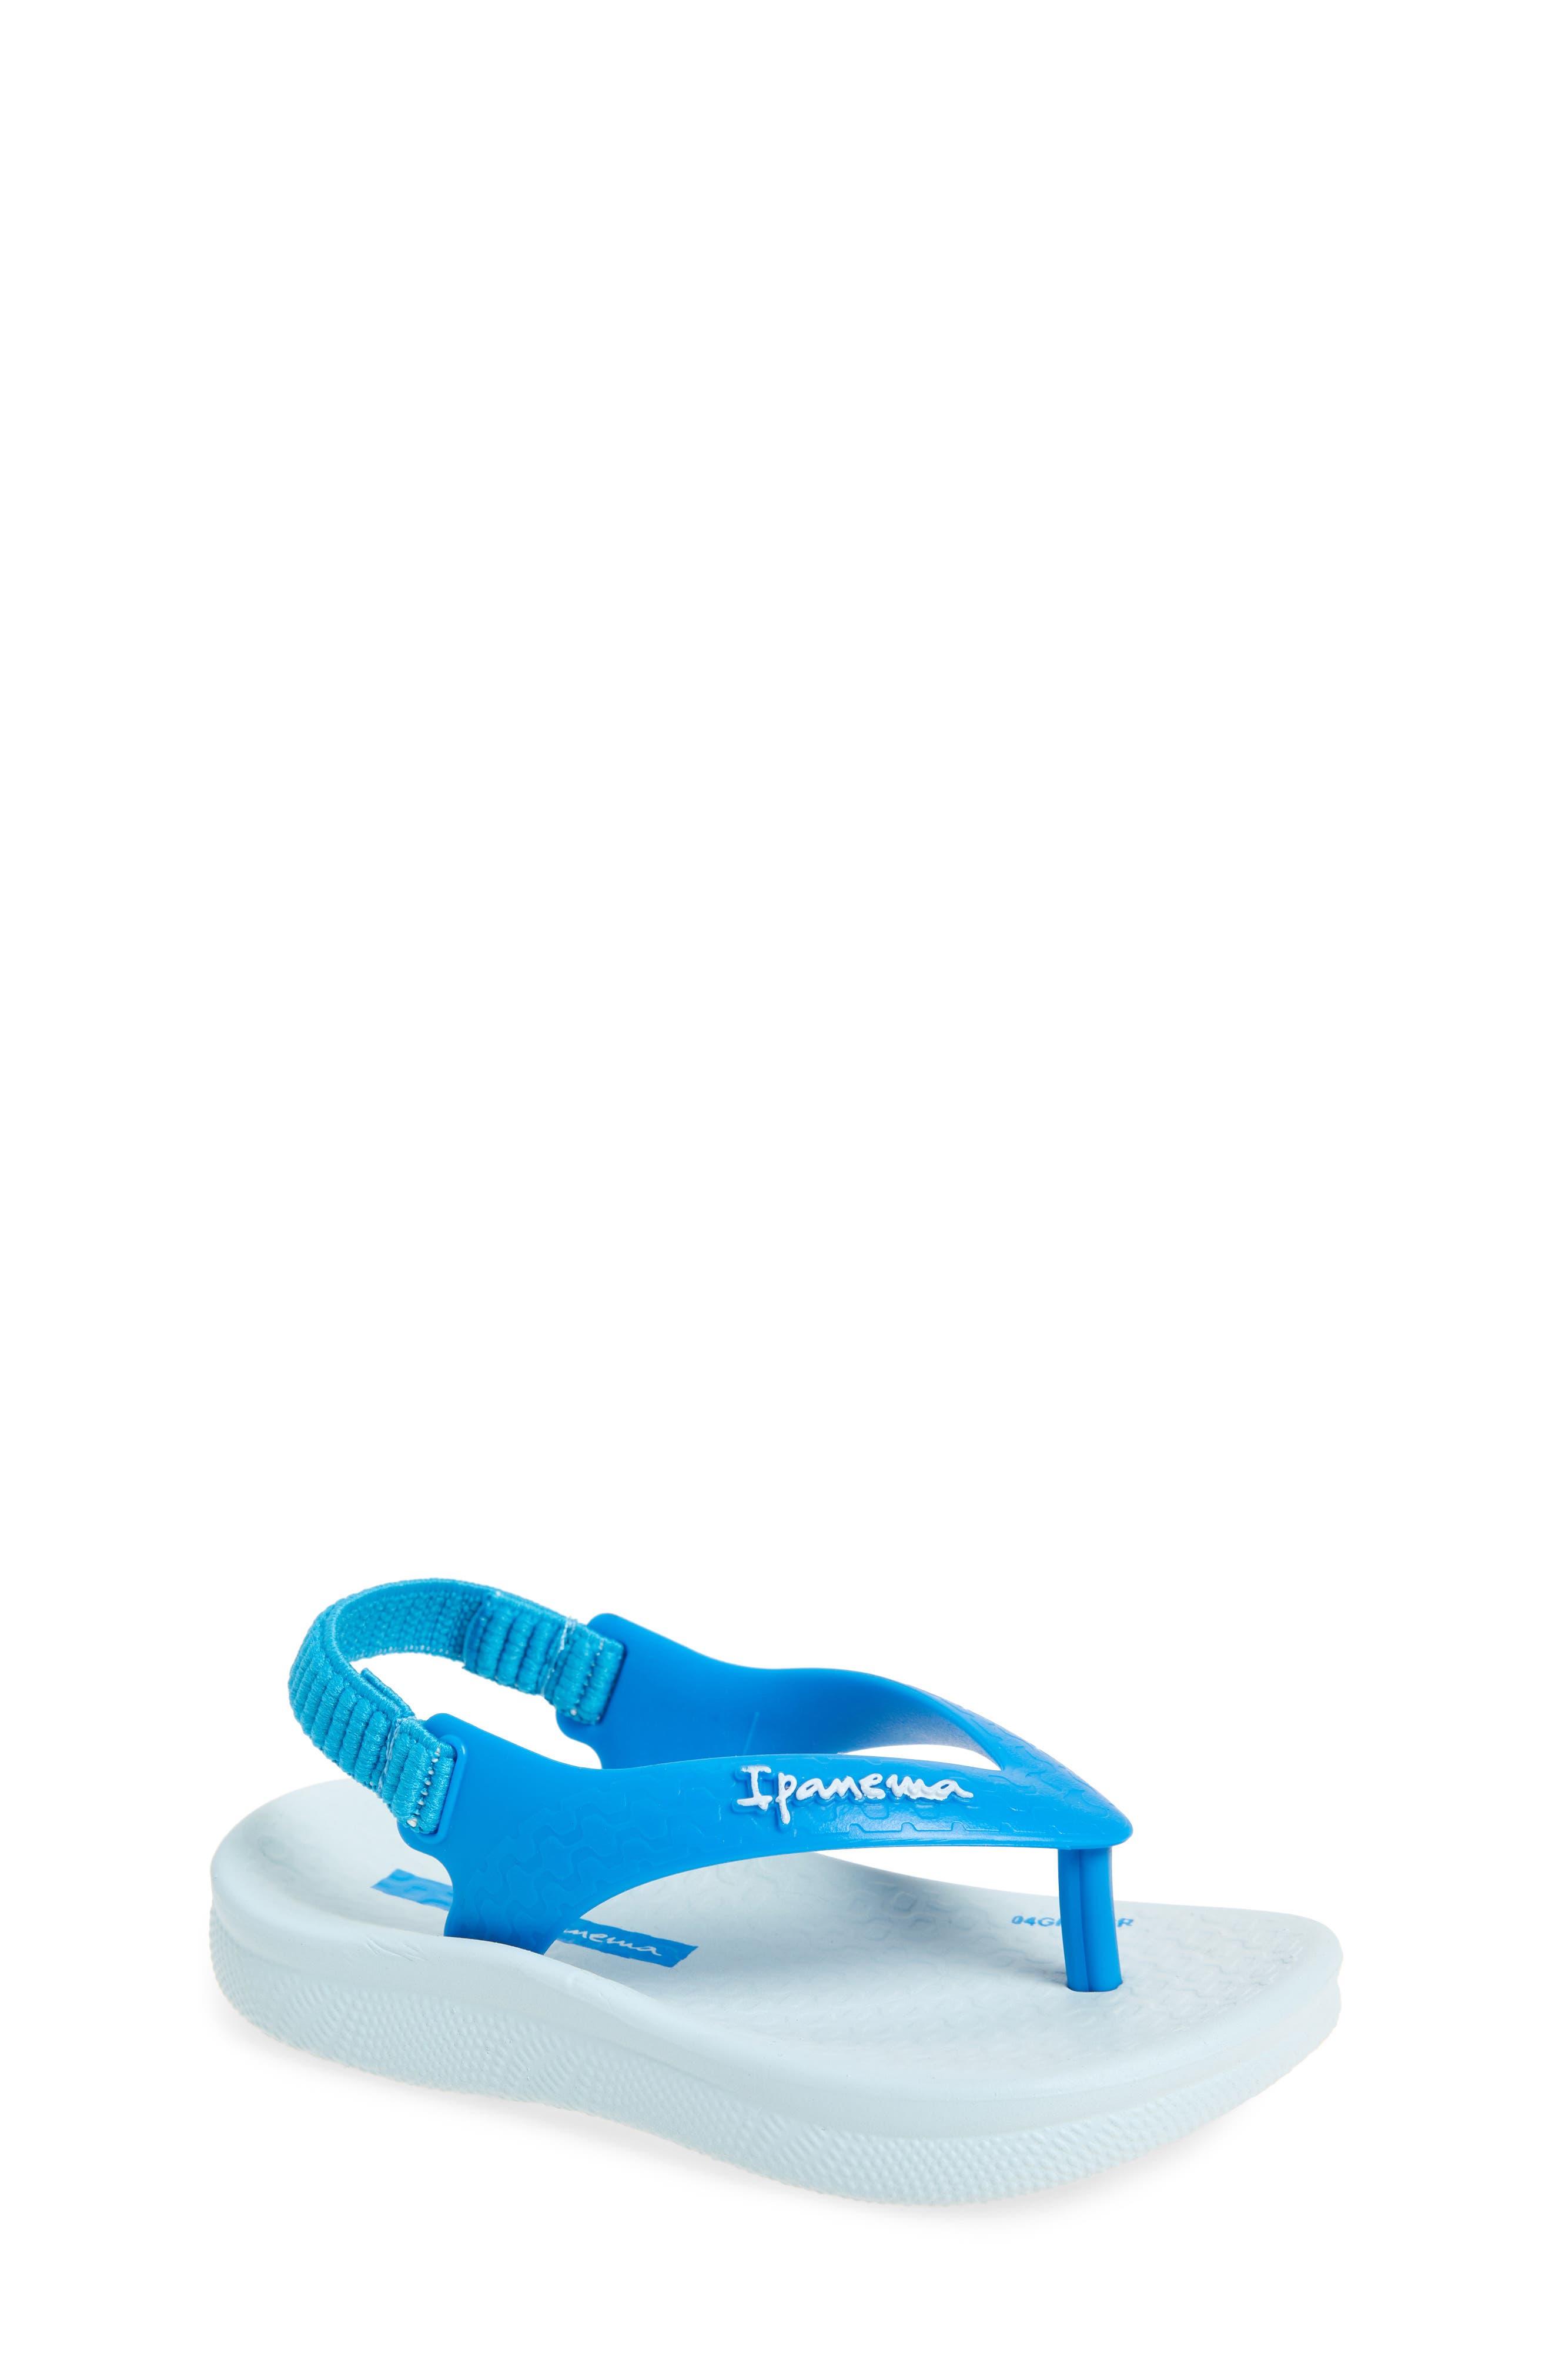 Ana Tan Flip Flop,                             Main thumbnail 1, color,                             Blue/ Blue